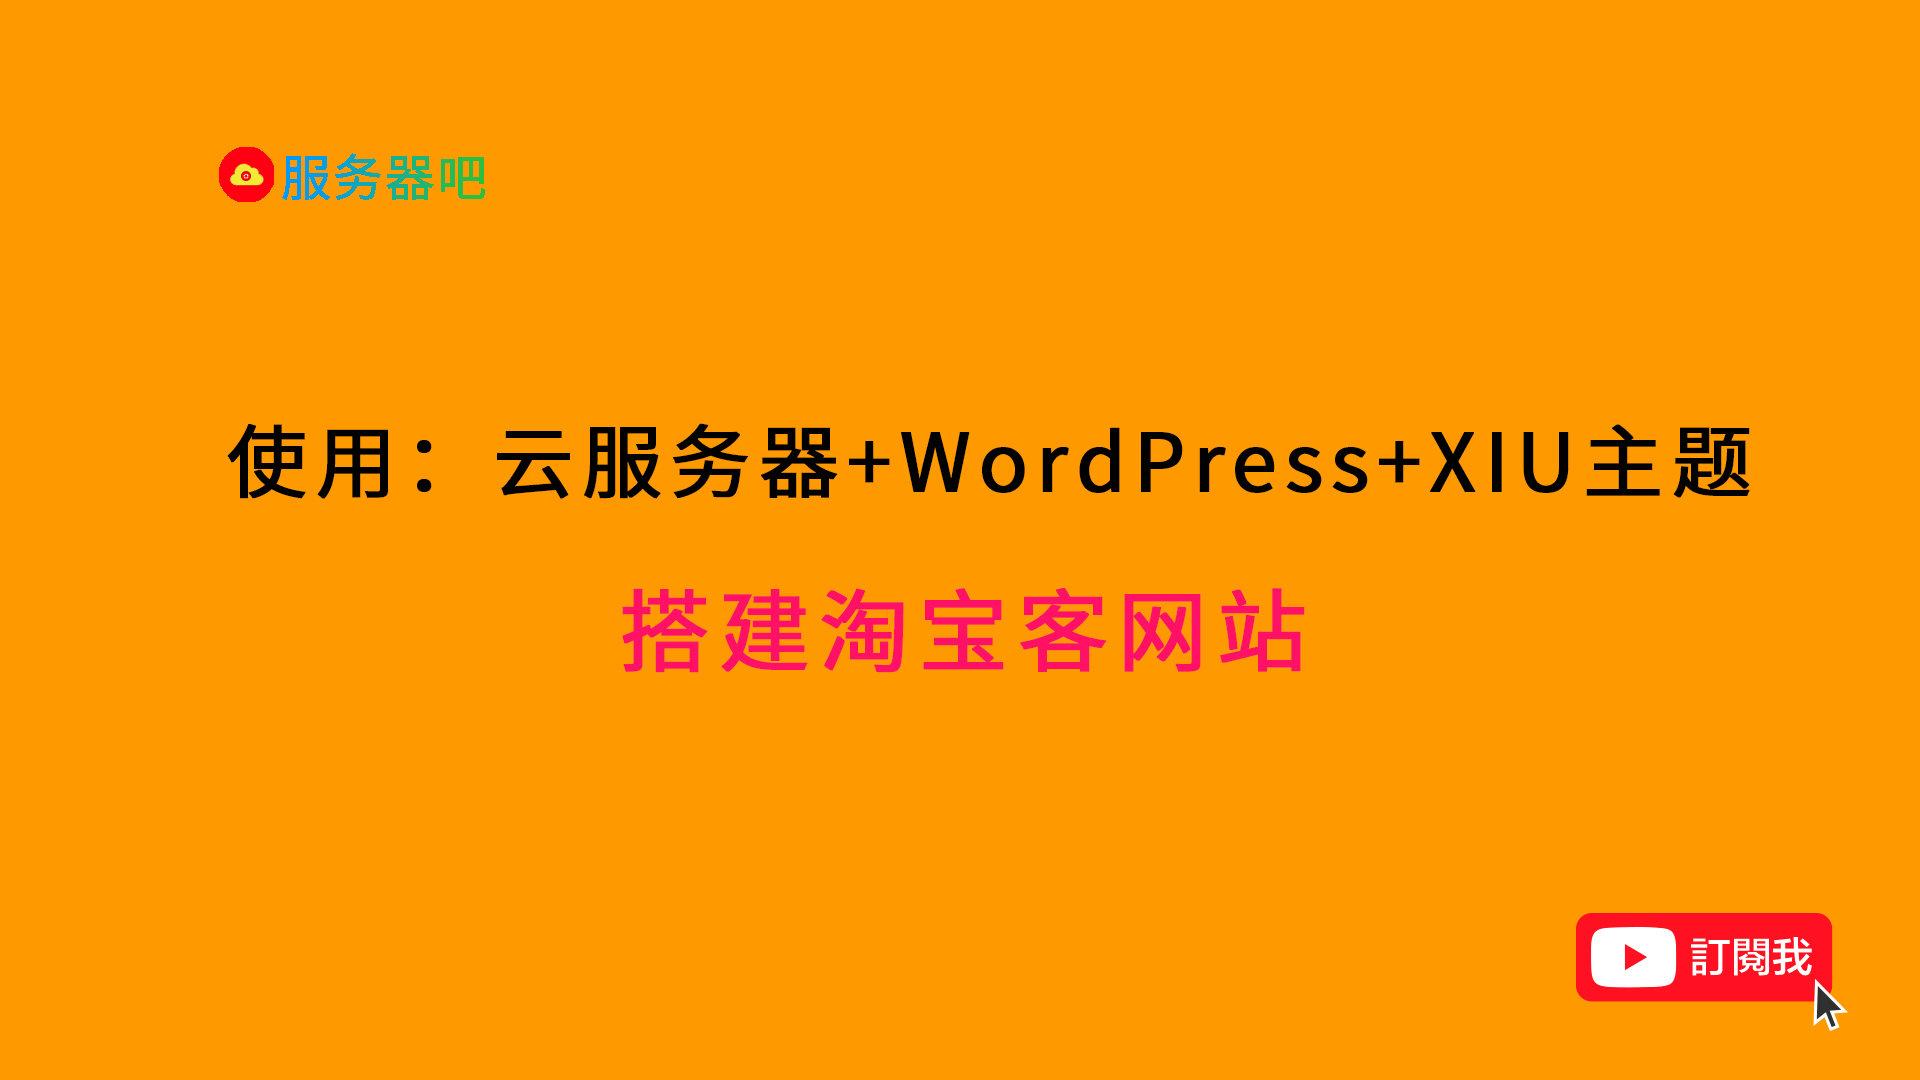 使用云服务器+WordPress+Xiu主题,搭建淘宝客网站